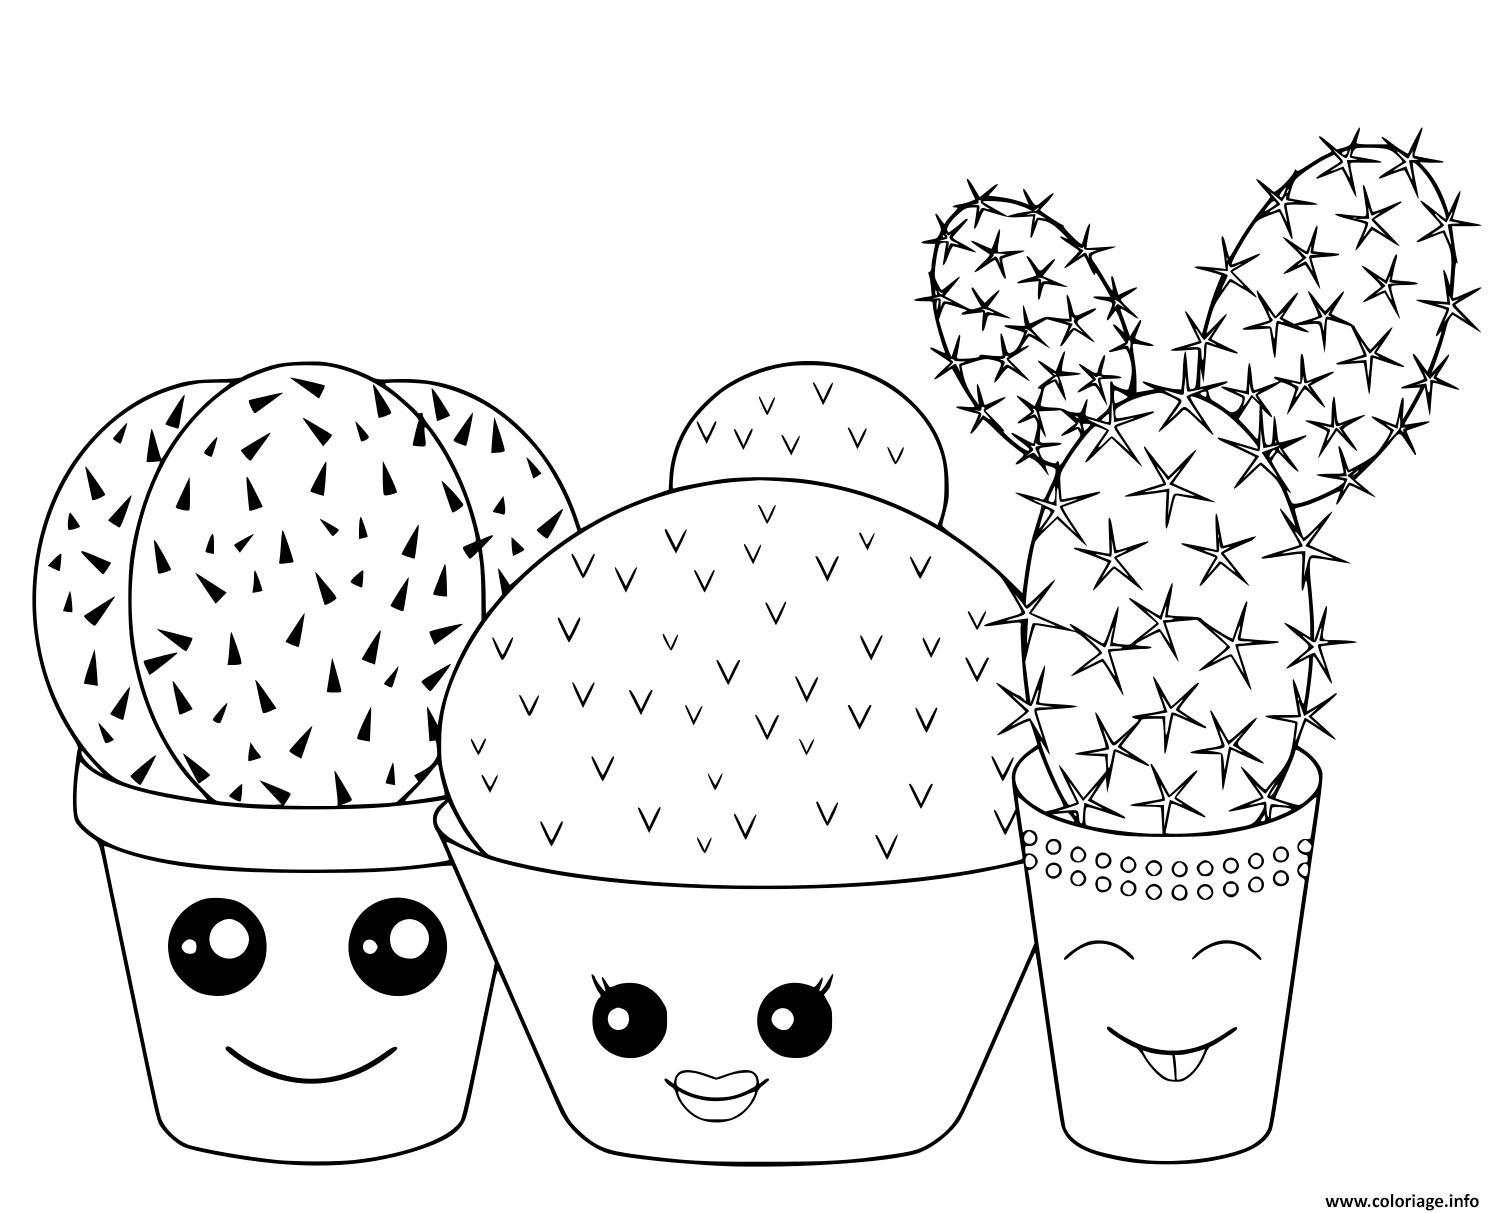 Coloriage Kawaii Cactus Cactaceae Famille De Plantes Jecolorie Com